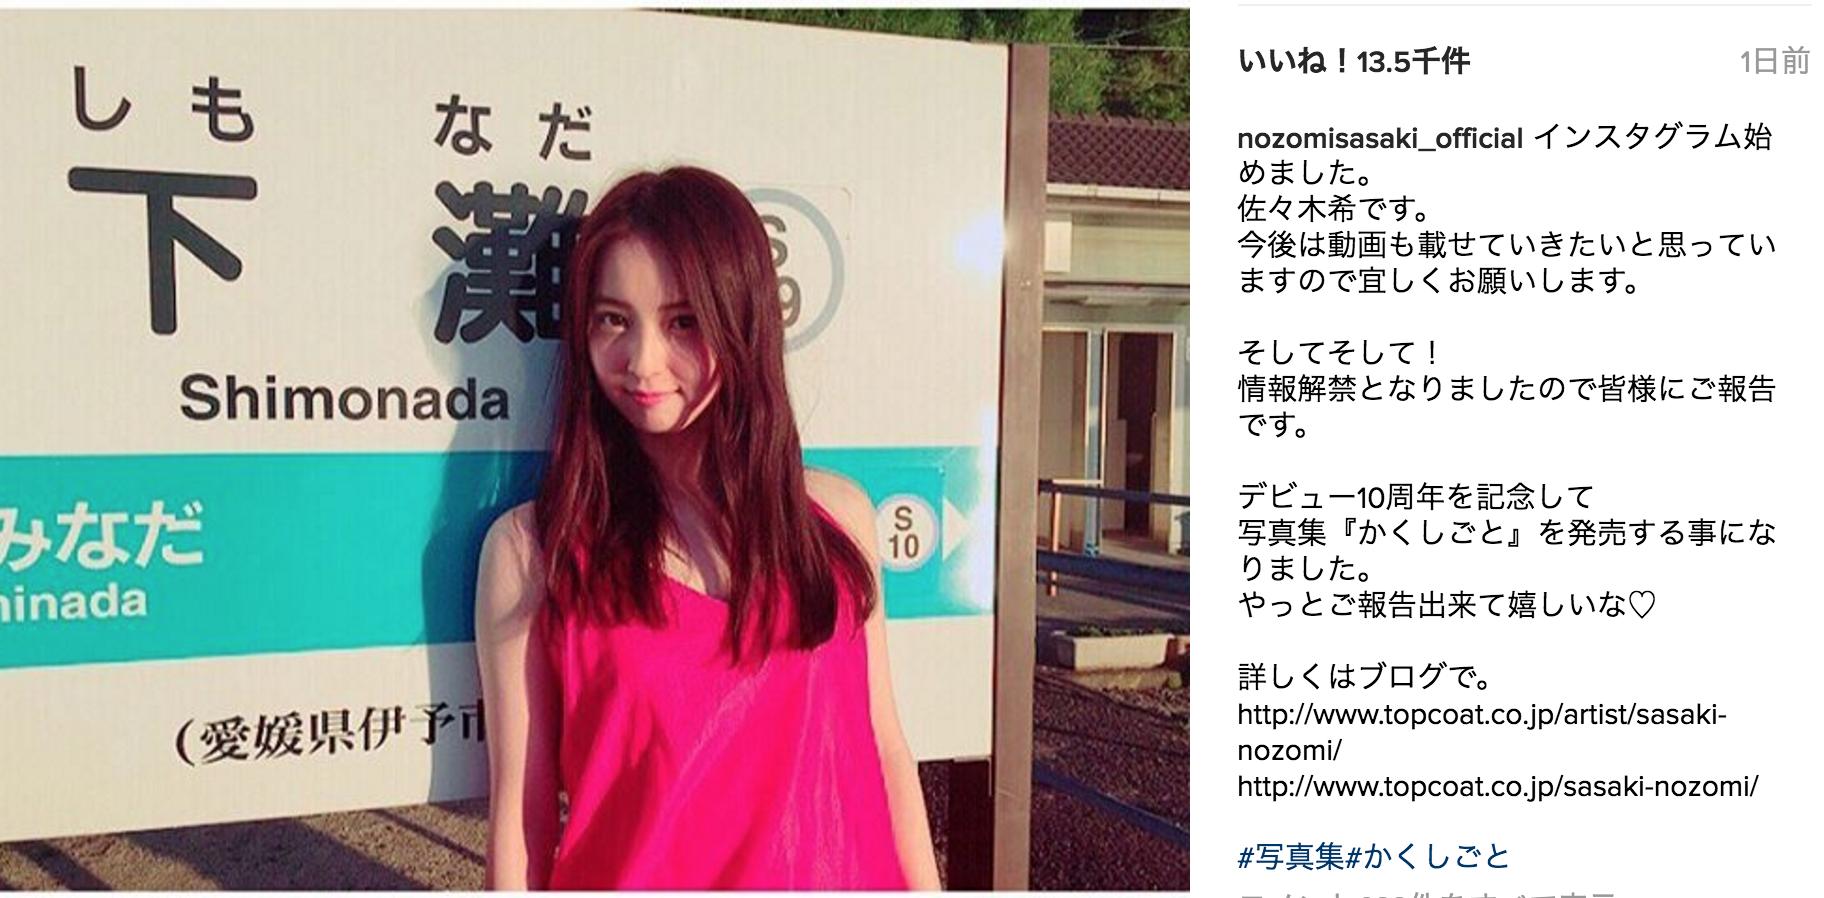 佐々木希 インスタ インスタグラム Instagram